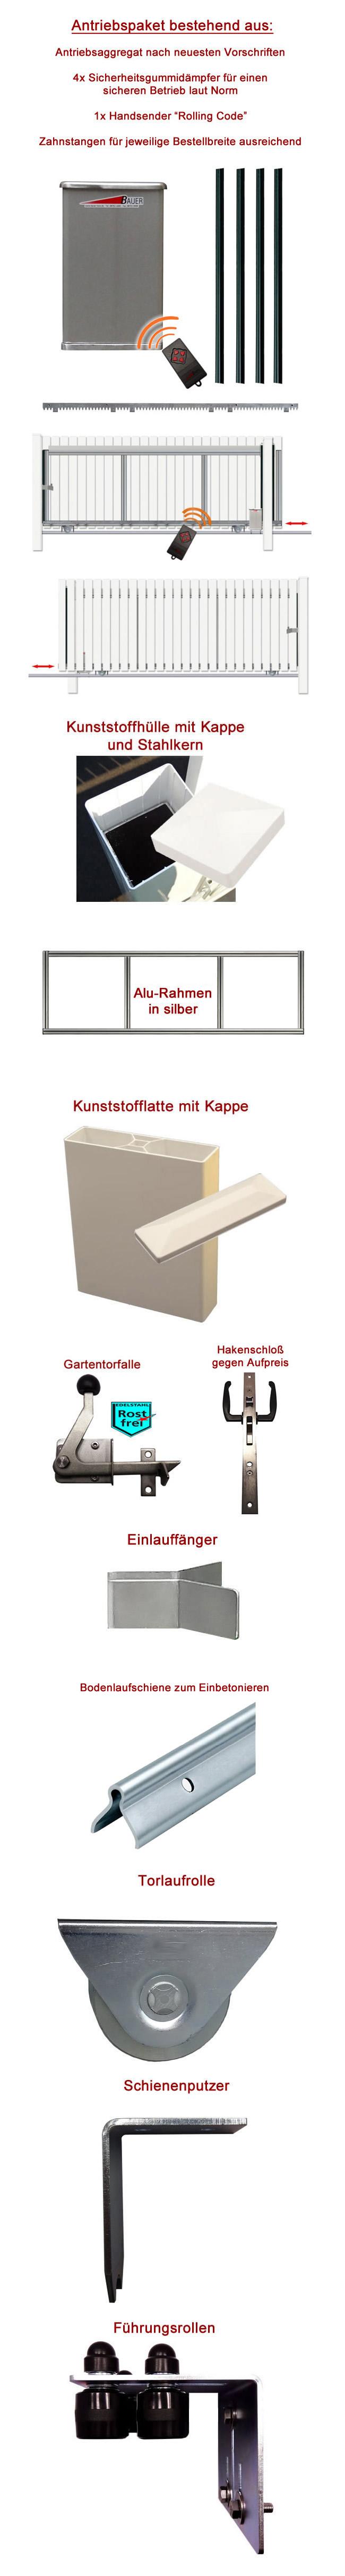 schiebetor bausatz h 80 b 280 mit e antrieb. Black Bedroom Furniture Sets. Home Design Ideas